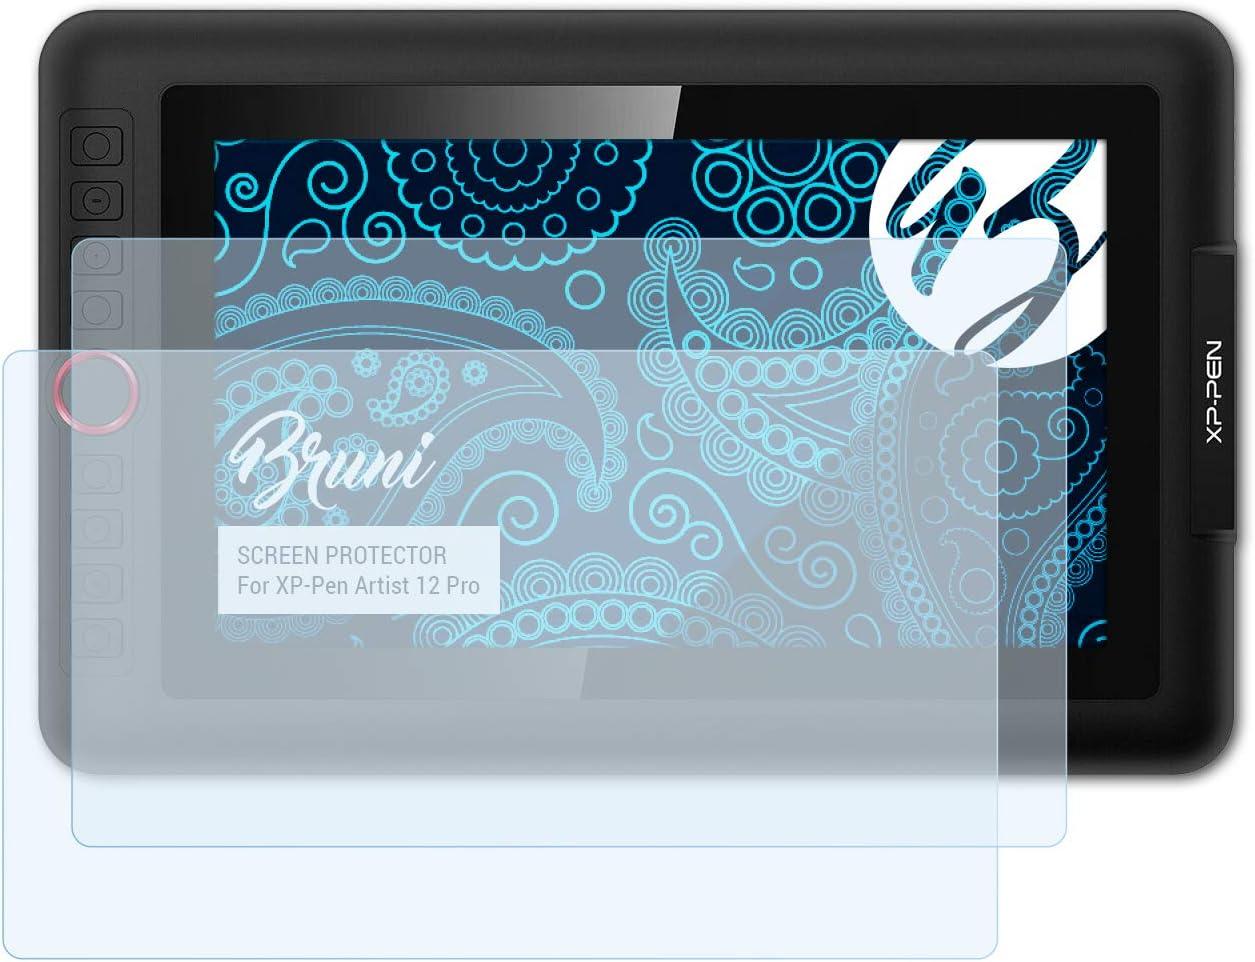 Bruni Pel/ícula Protectora Compatible con XP-Pen Artist 12 Pro Protector Pel/ícula Claro L/ámina Protectora 2X